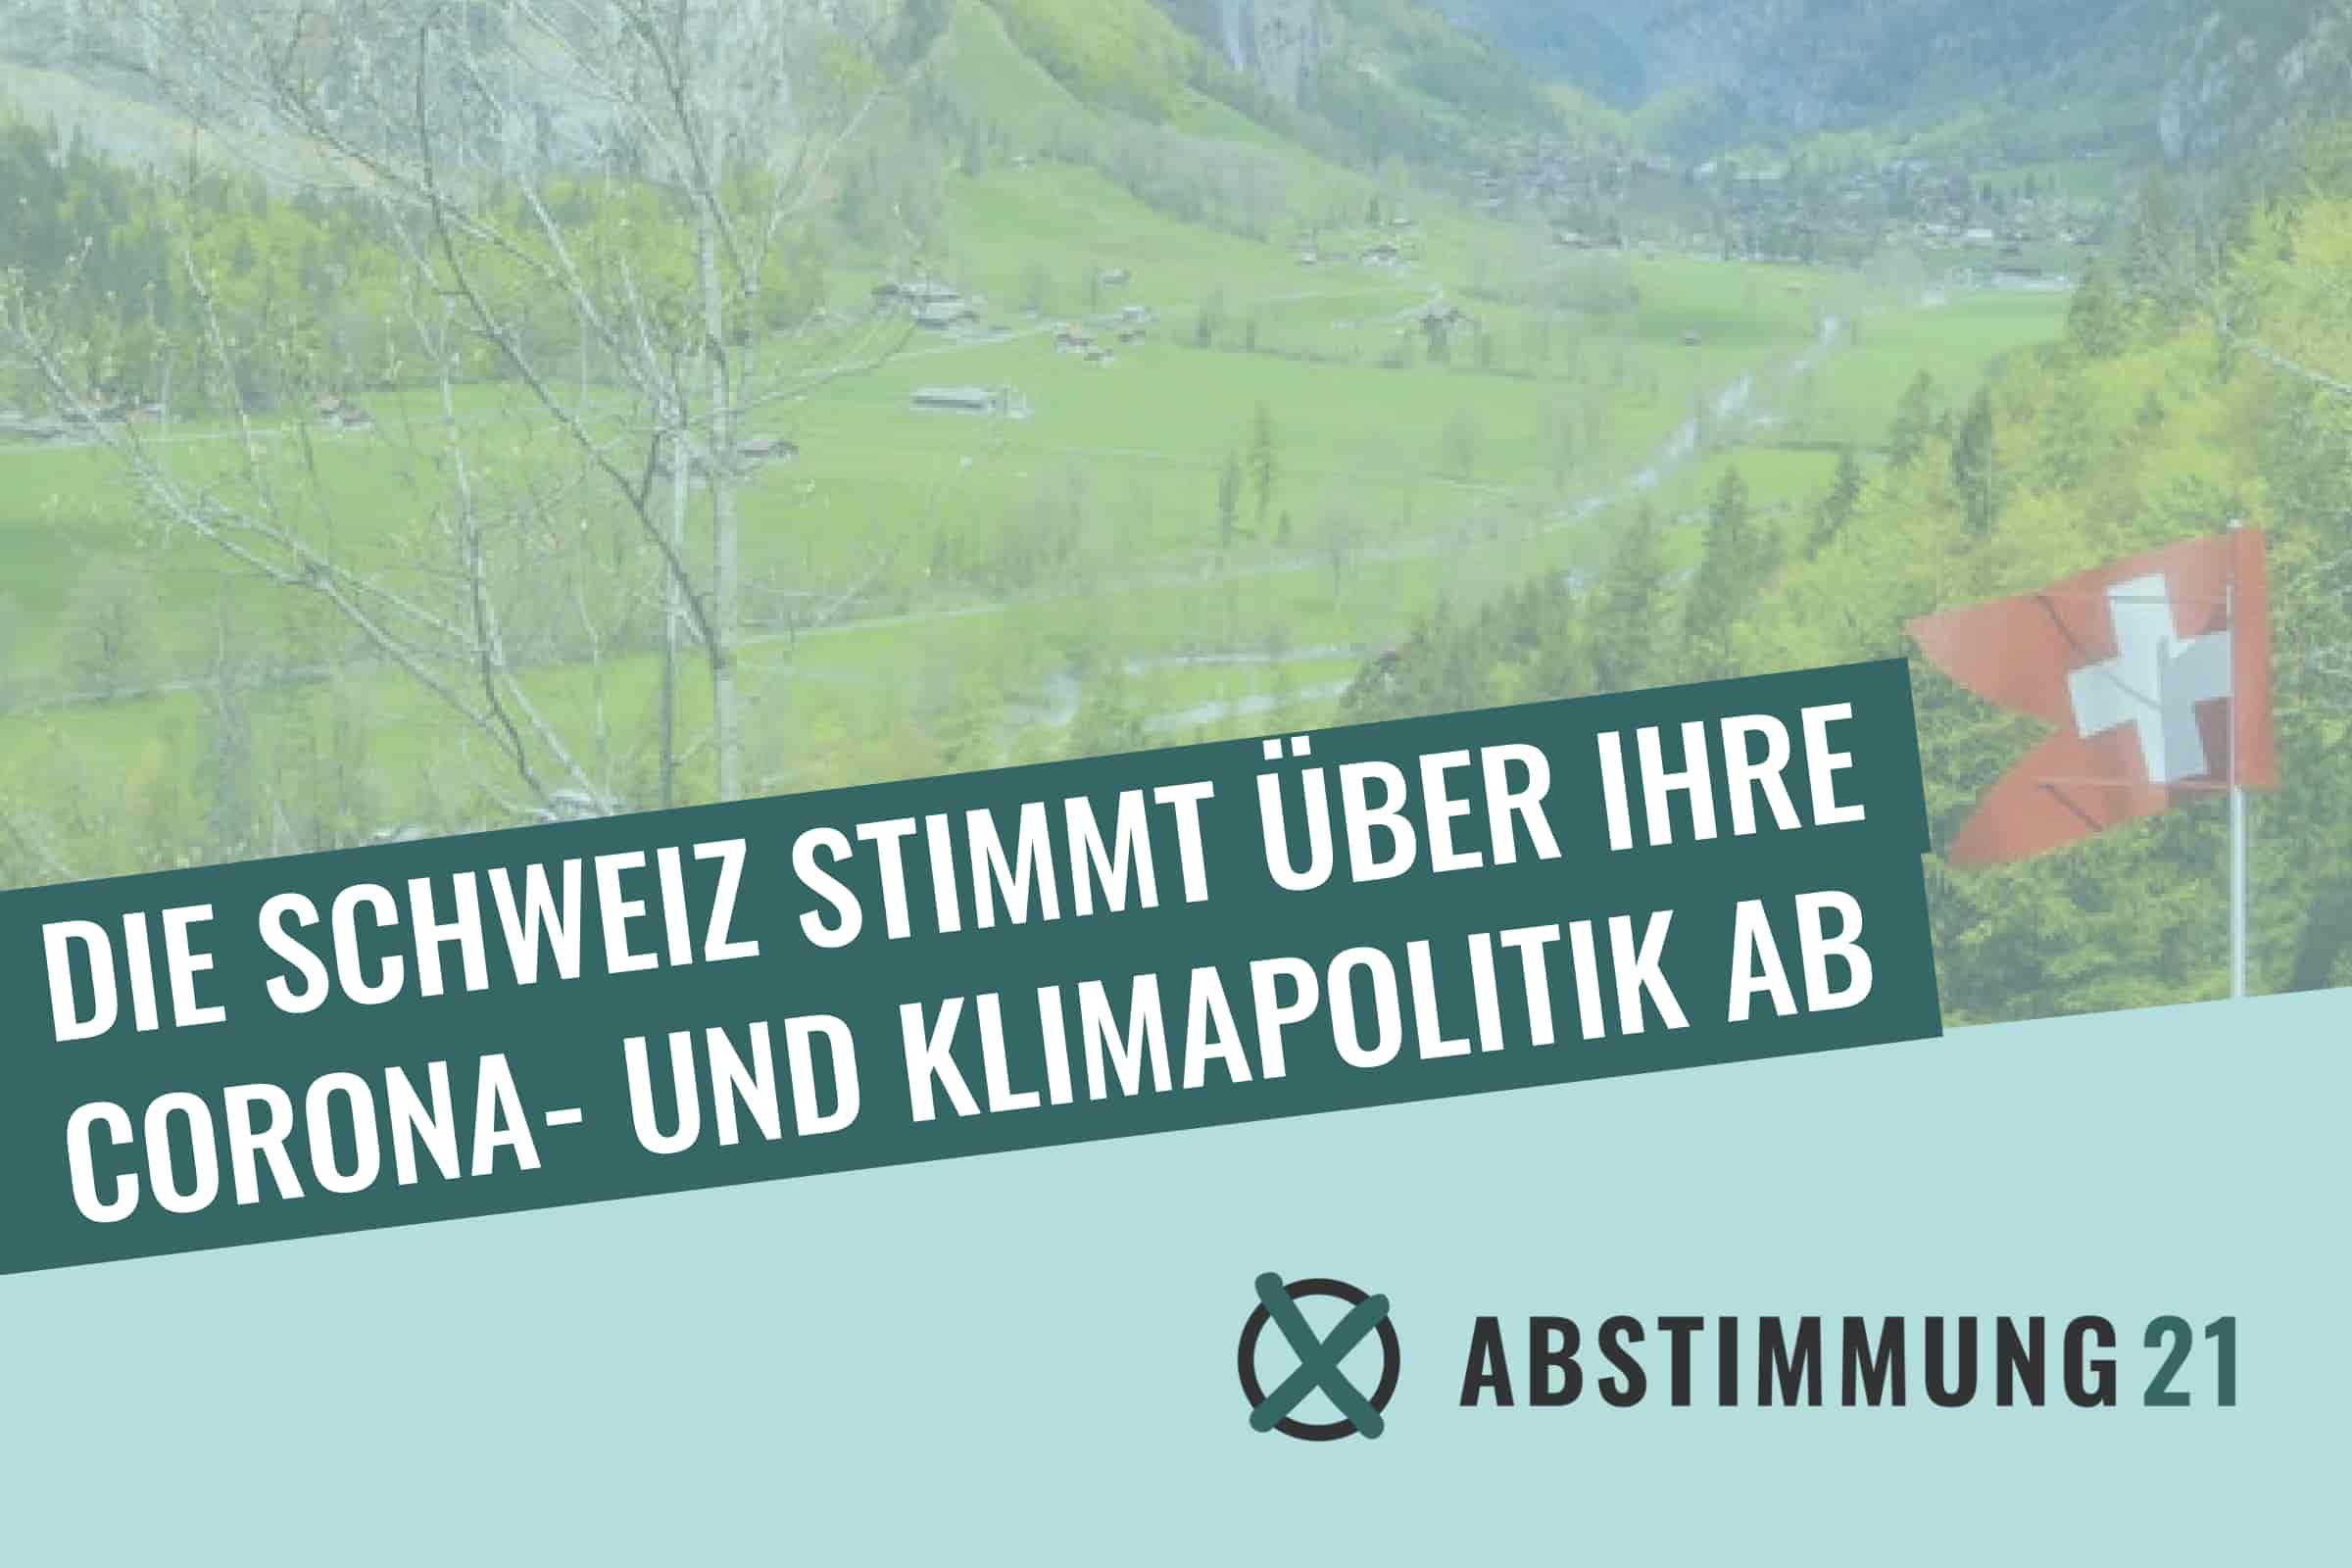 13.06.: Die Schweiz stimmt über ihre Corona- und Klimapolitik ab